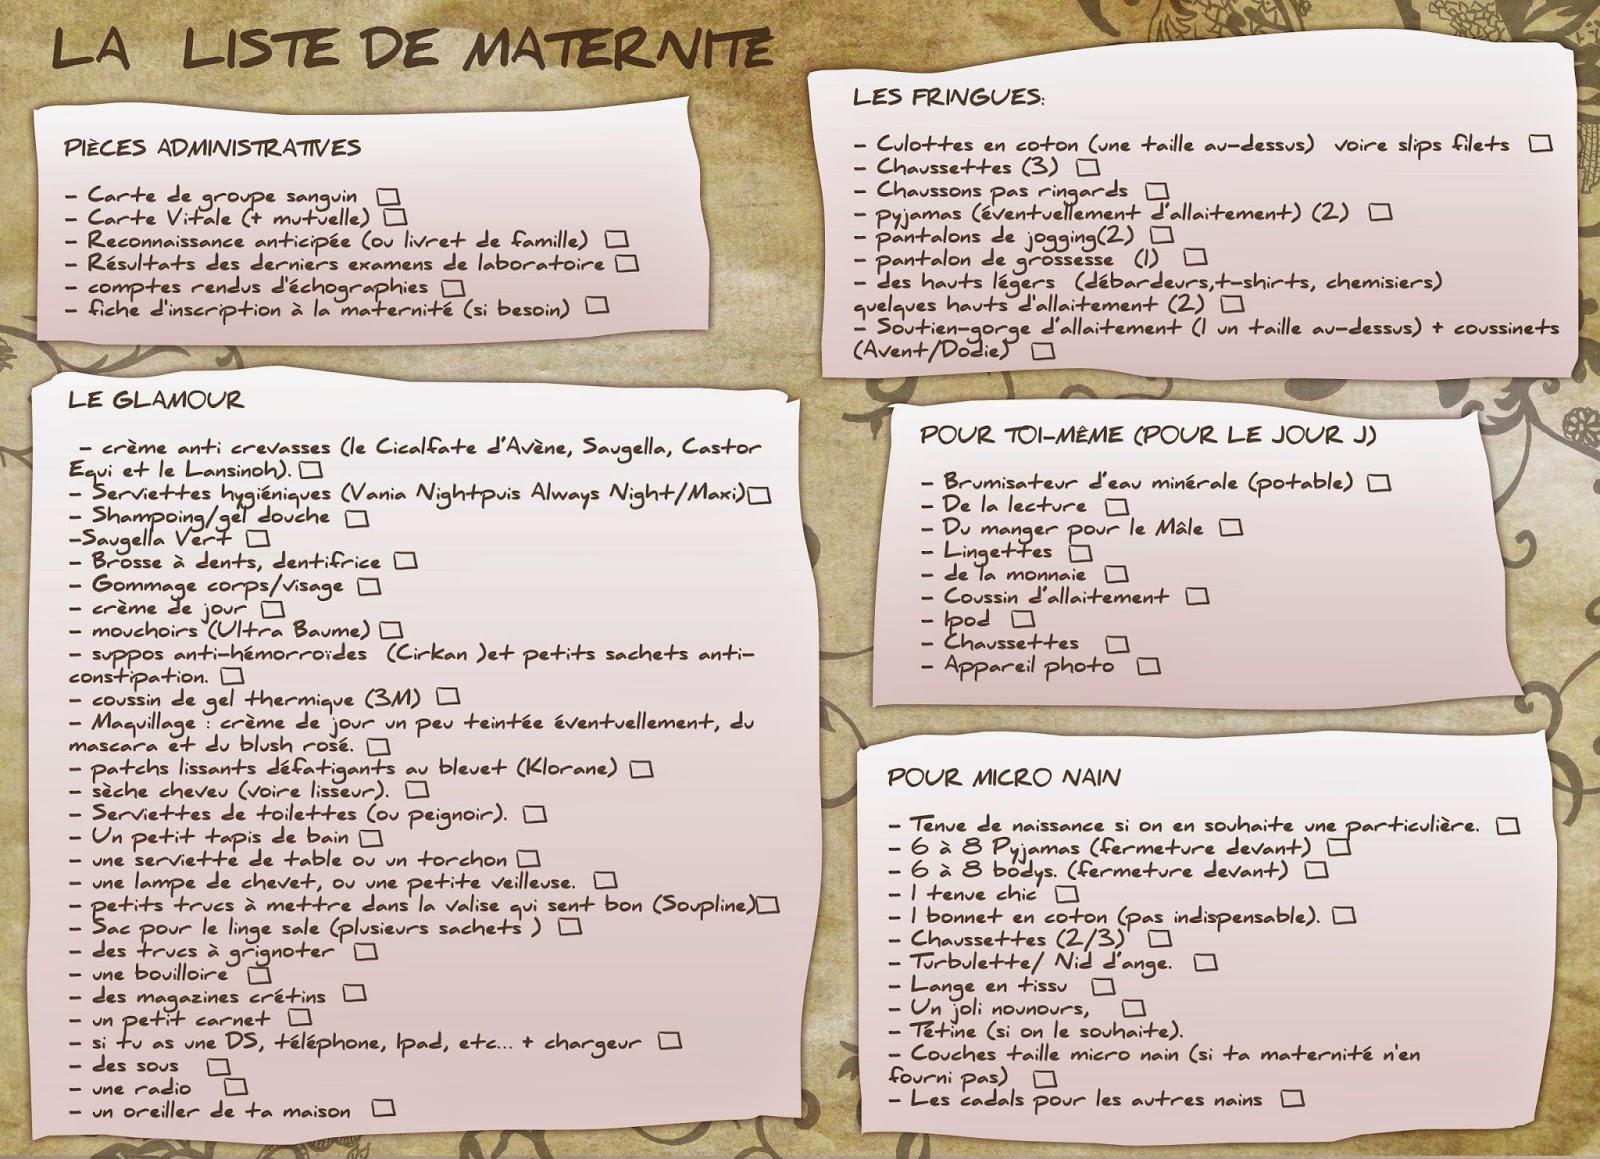 Exceptionnel Les Mamans Testent: LA liste pour la maternité (ou : que mettre  WR83